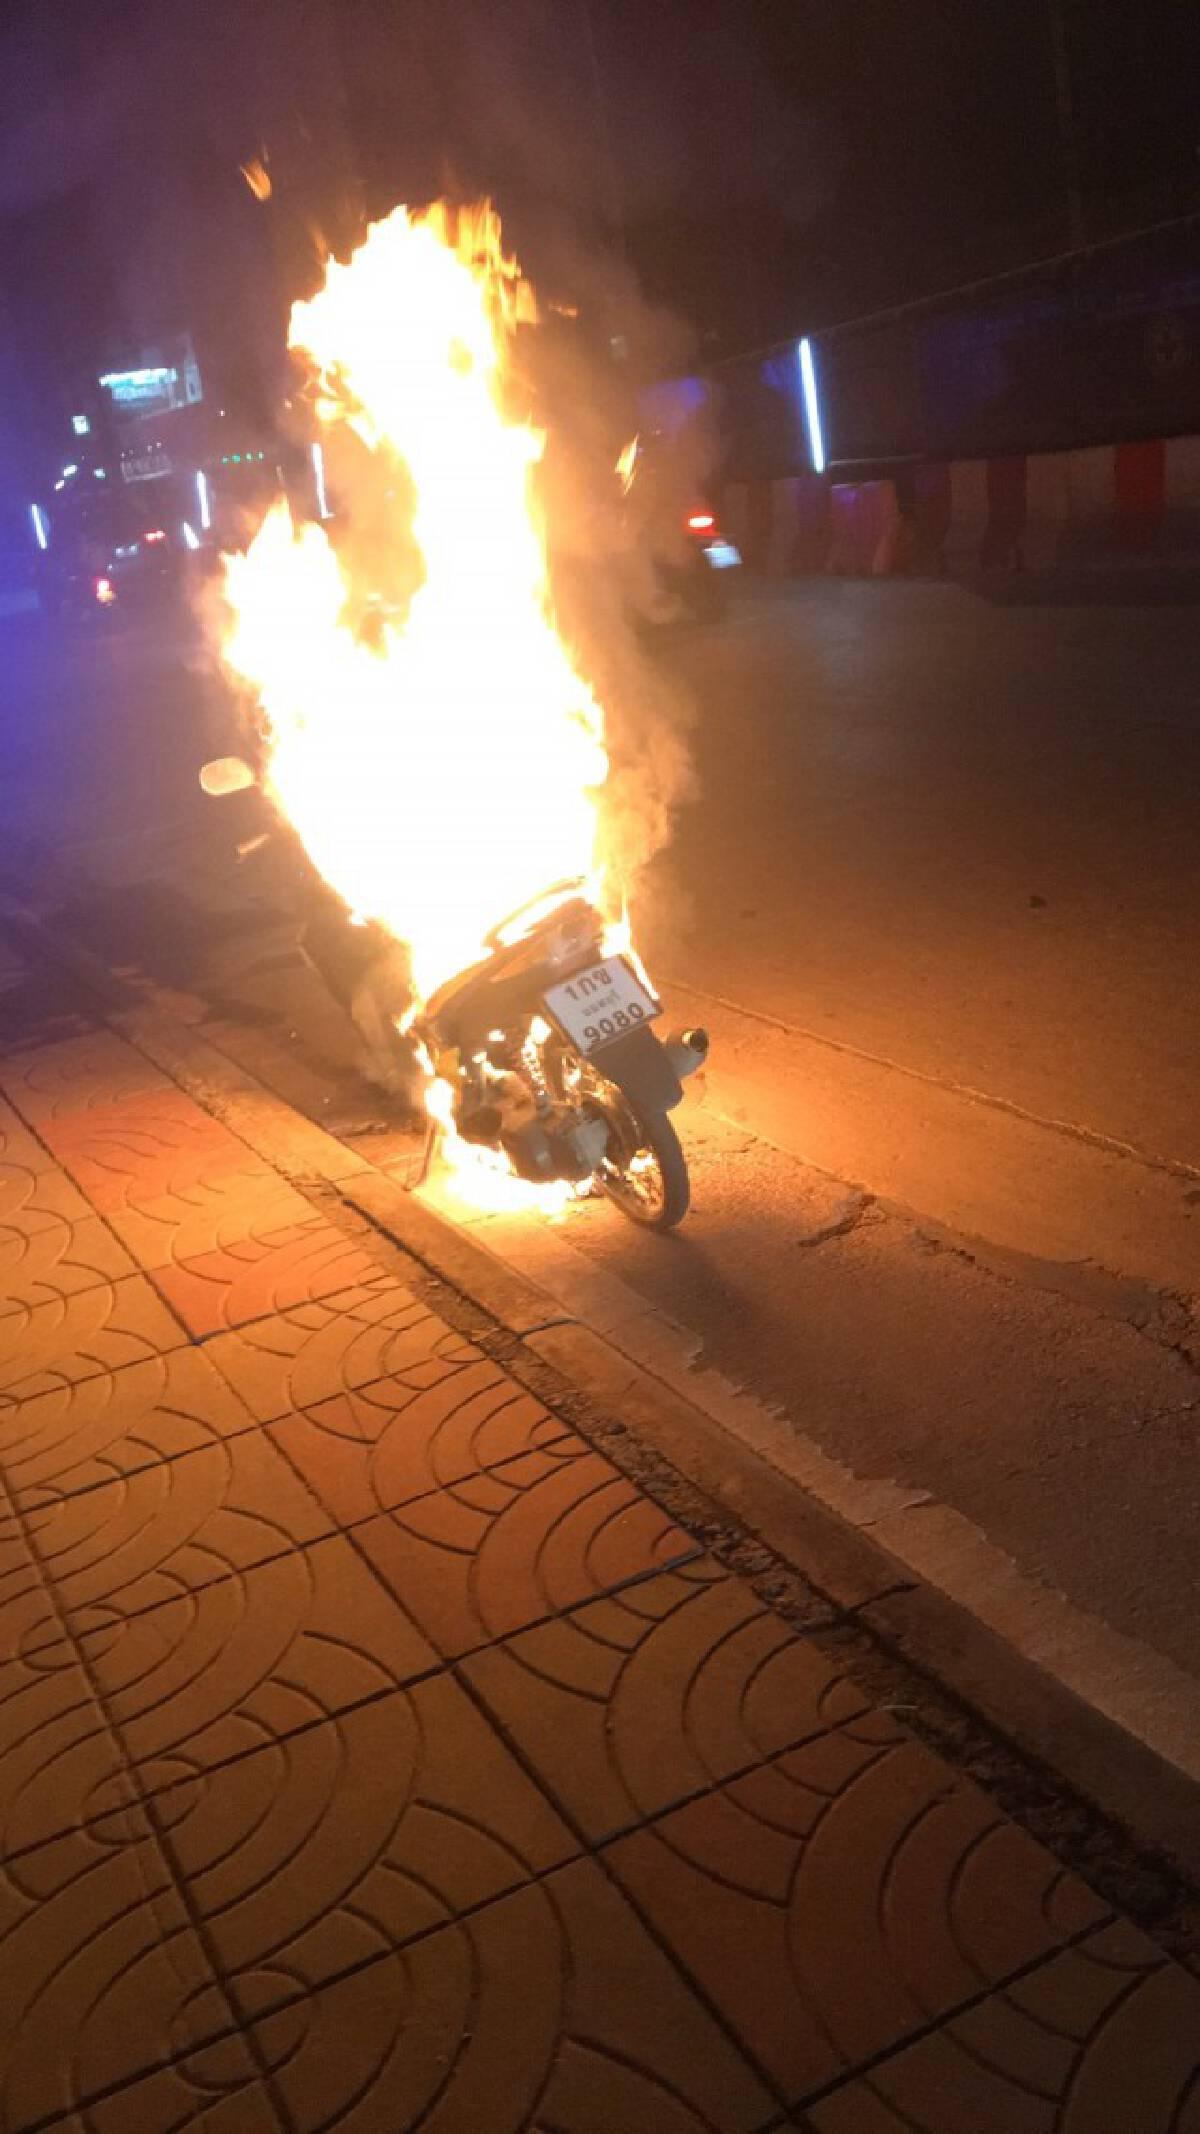 สุดงง ขี่มอเตอร์ไซค์อยู่ดีๆเครื่องดับไฟลุกท่วมกลางถนน